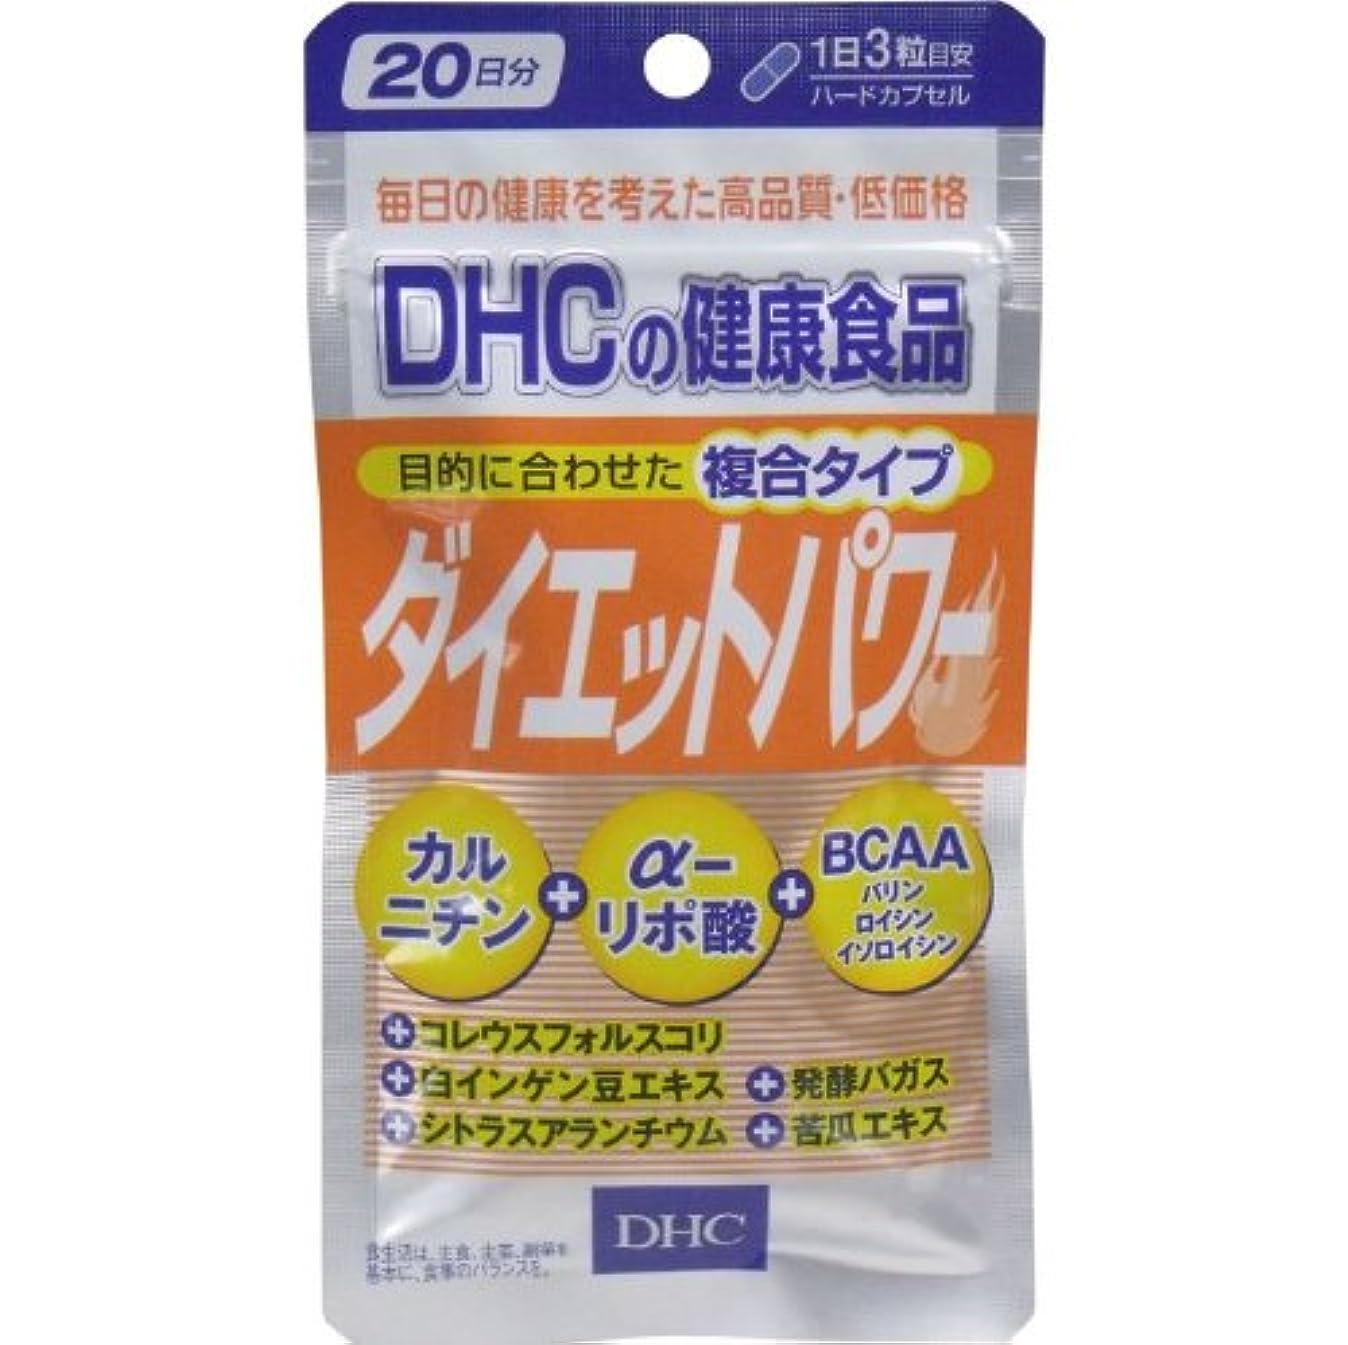 エンゲージメント大気ショップDHC ダイエットパワー 60粒入 【3個セット】